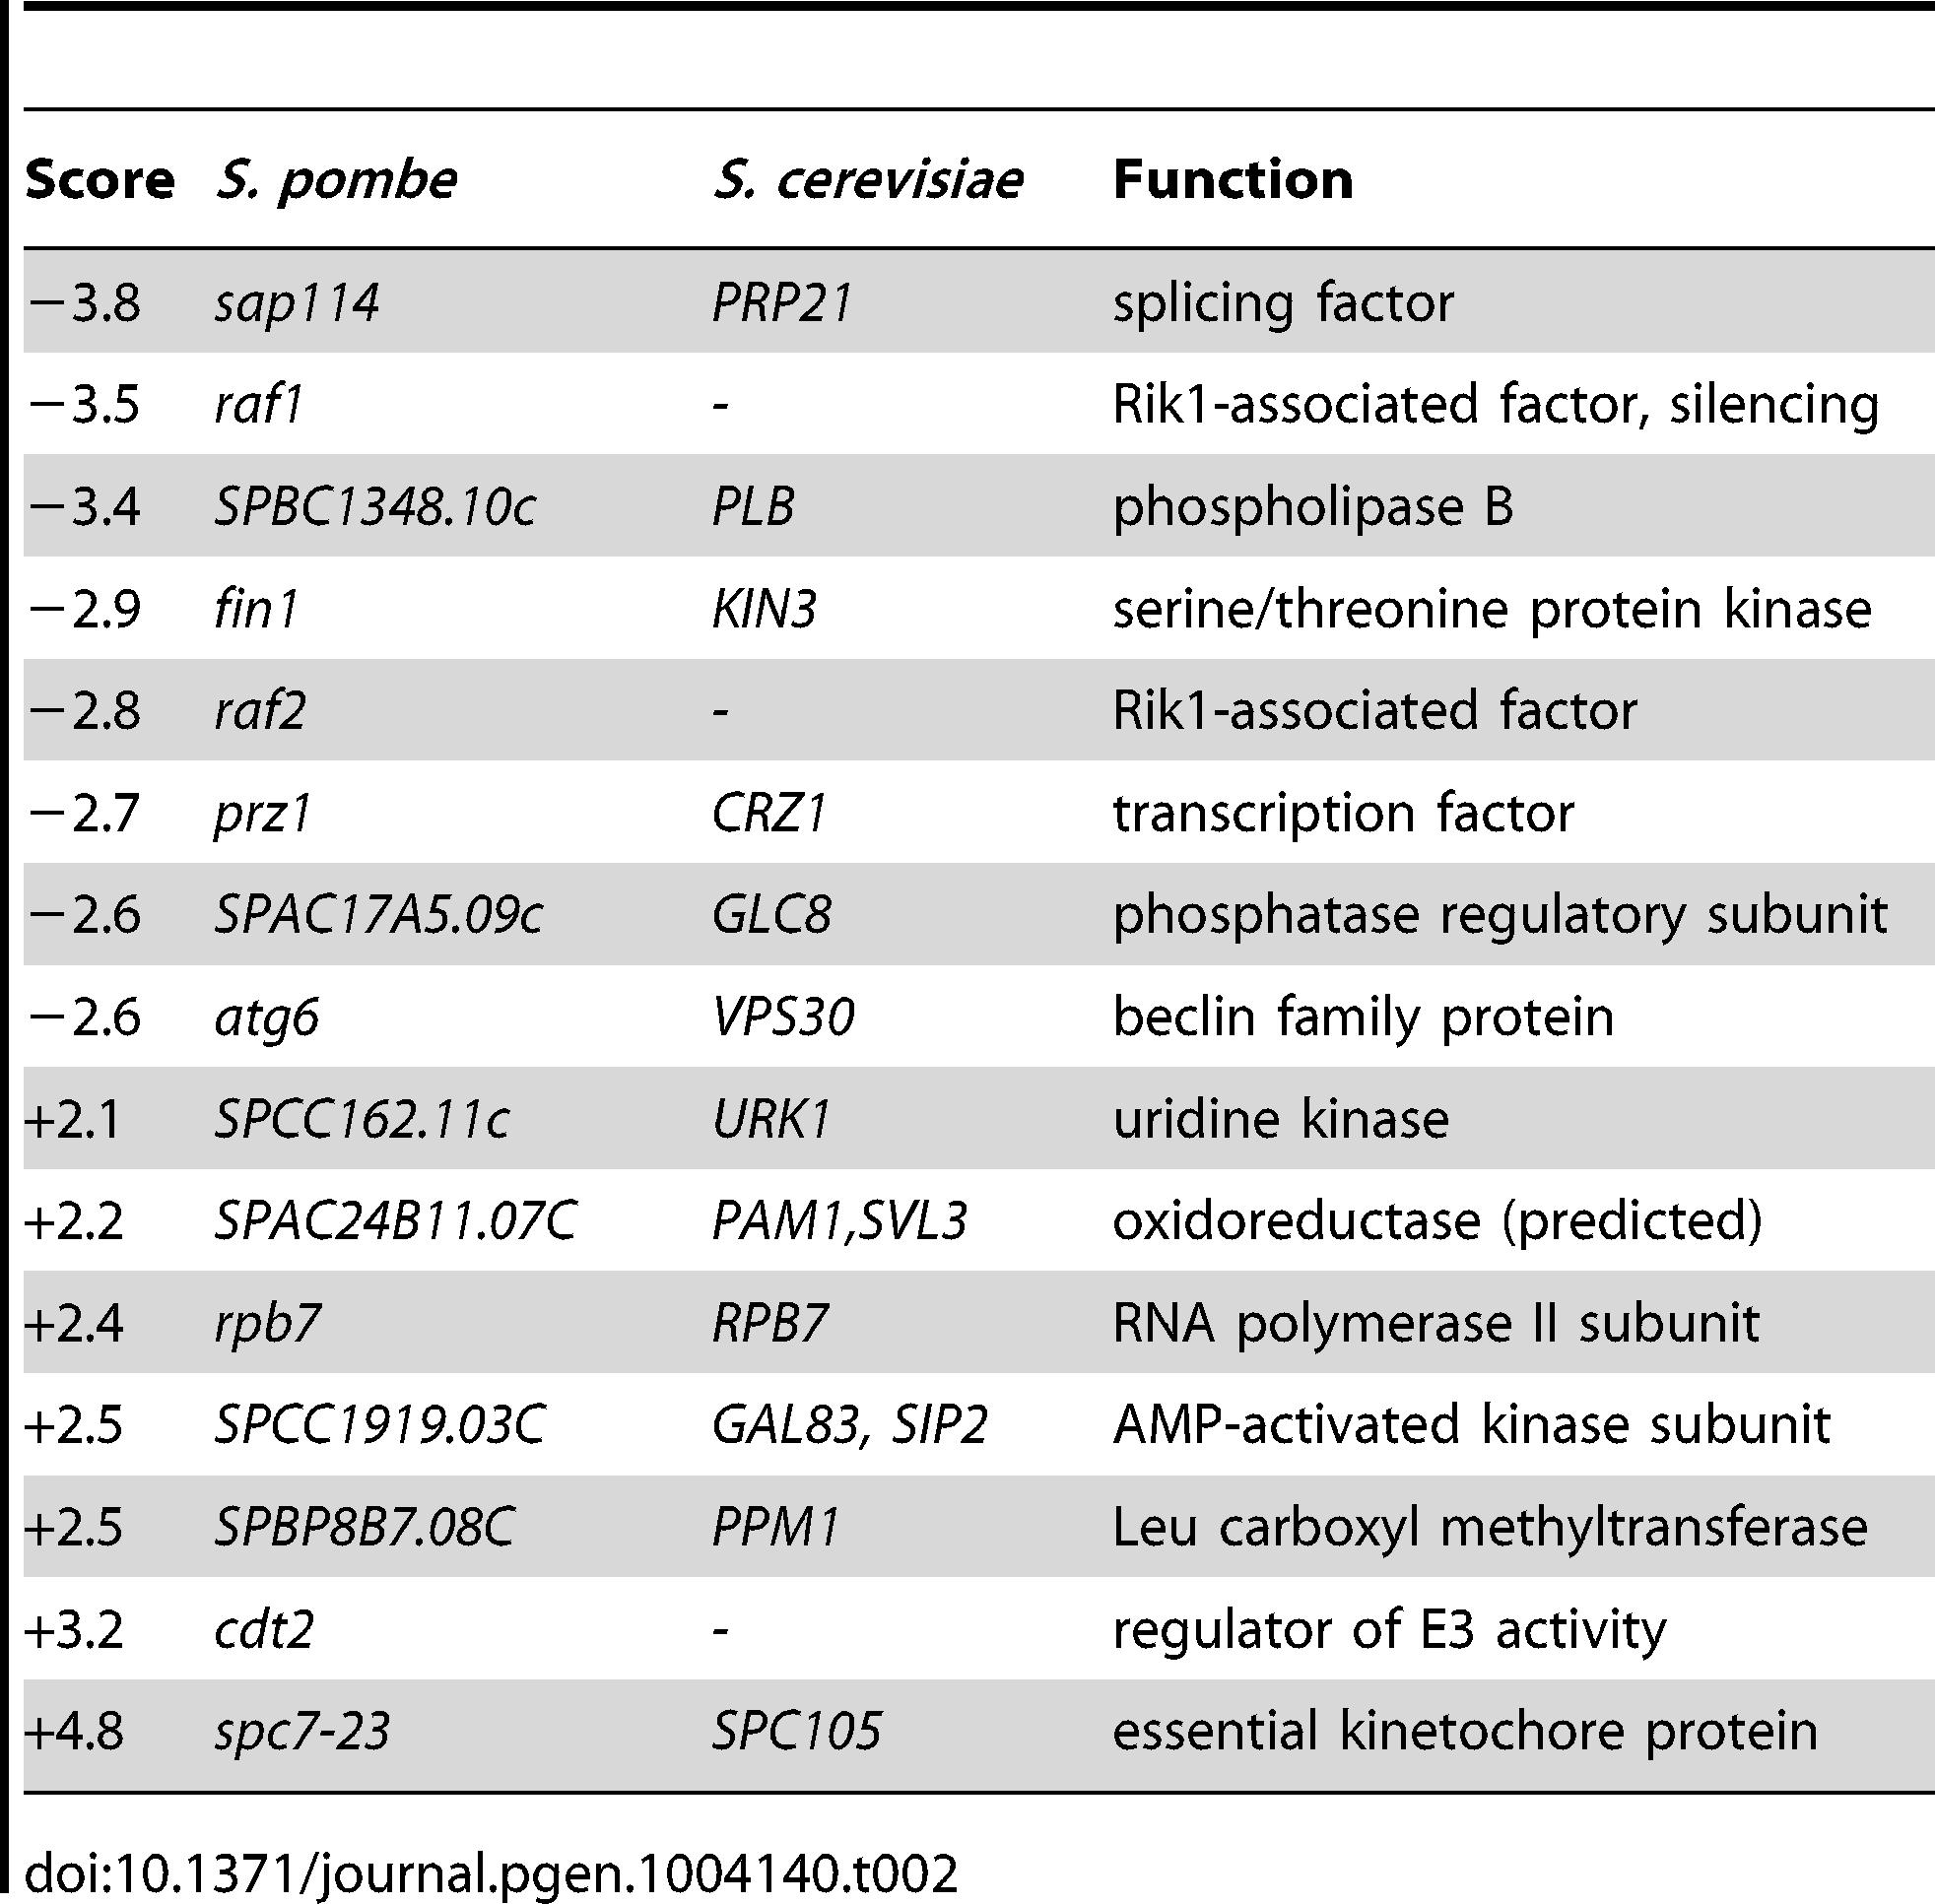 Quantitative epistatic miniarray profiling for <i>bag102</i>Δ.